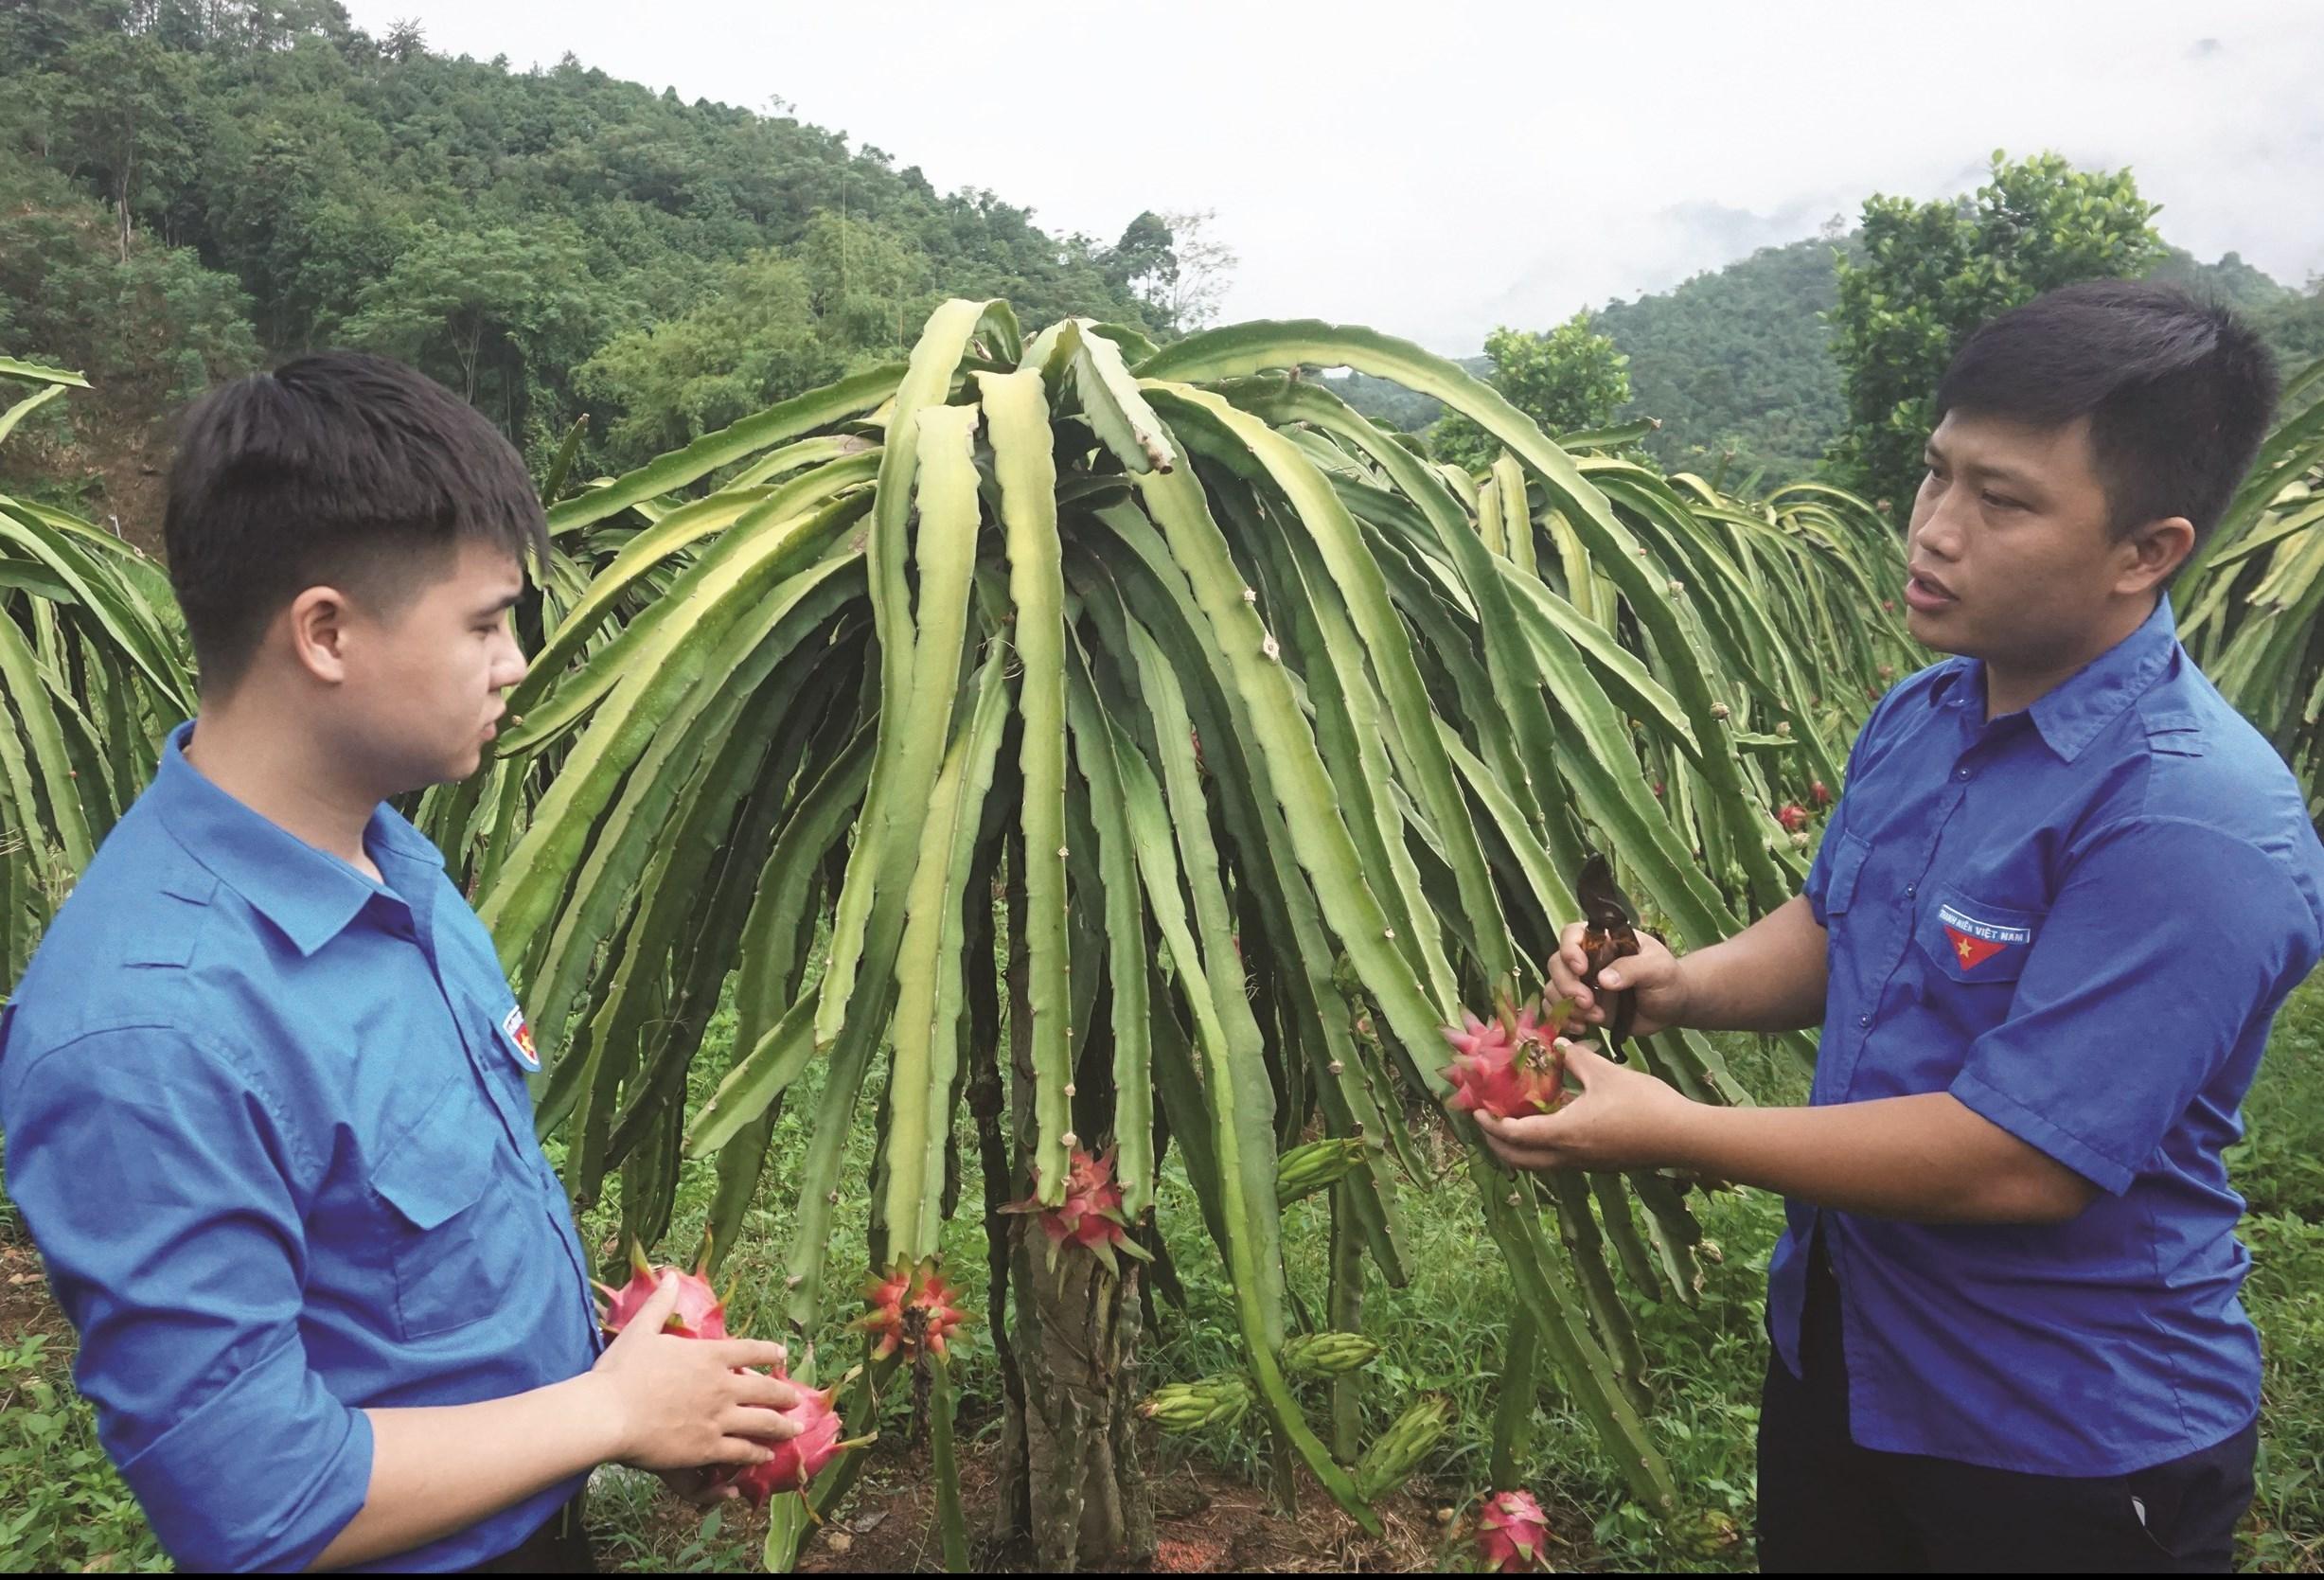 Mô hình trồng thanh long ruột đỏ Đài Loan của anh Phạm Duy Khánh (bên phải) cho năng suất cao